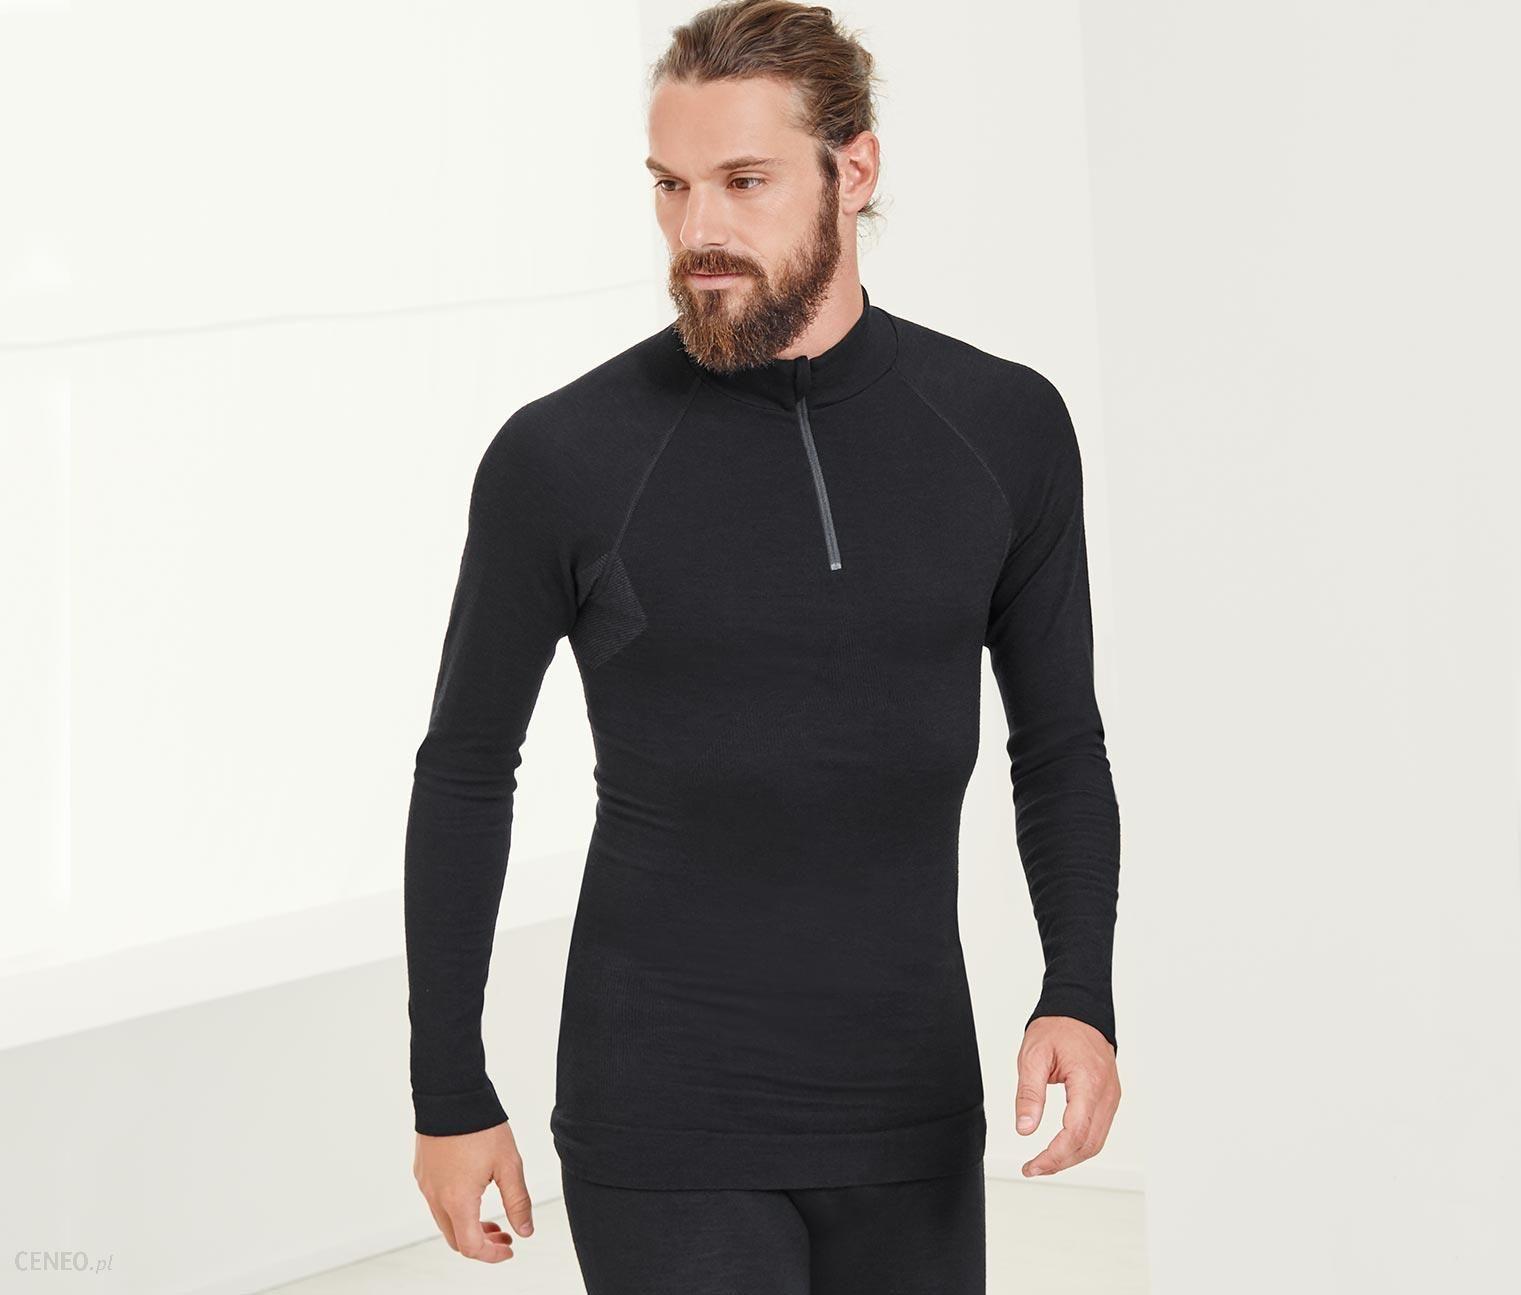 c0eaacc7368c45 Tchibo Koszulka funkcyjna z wełną merino, męska - Ceny i opinie ...